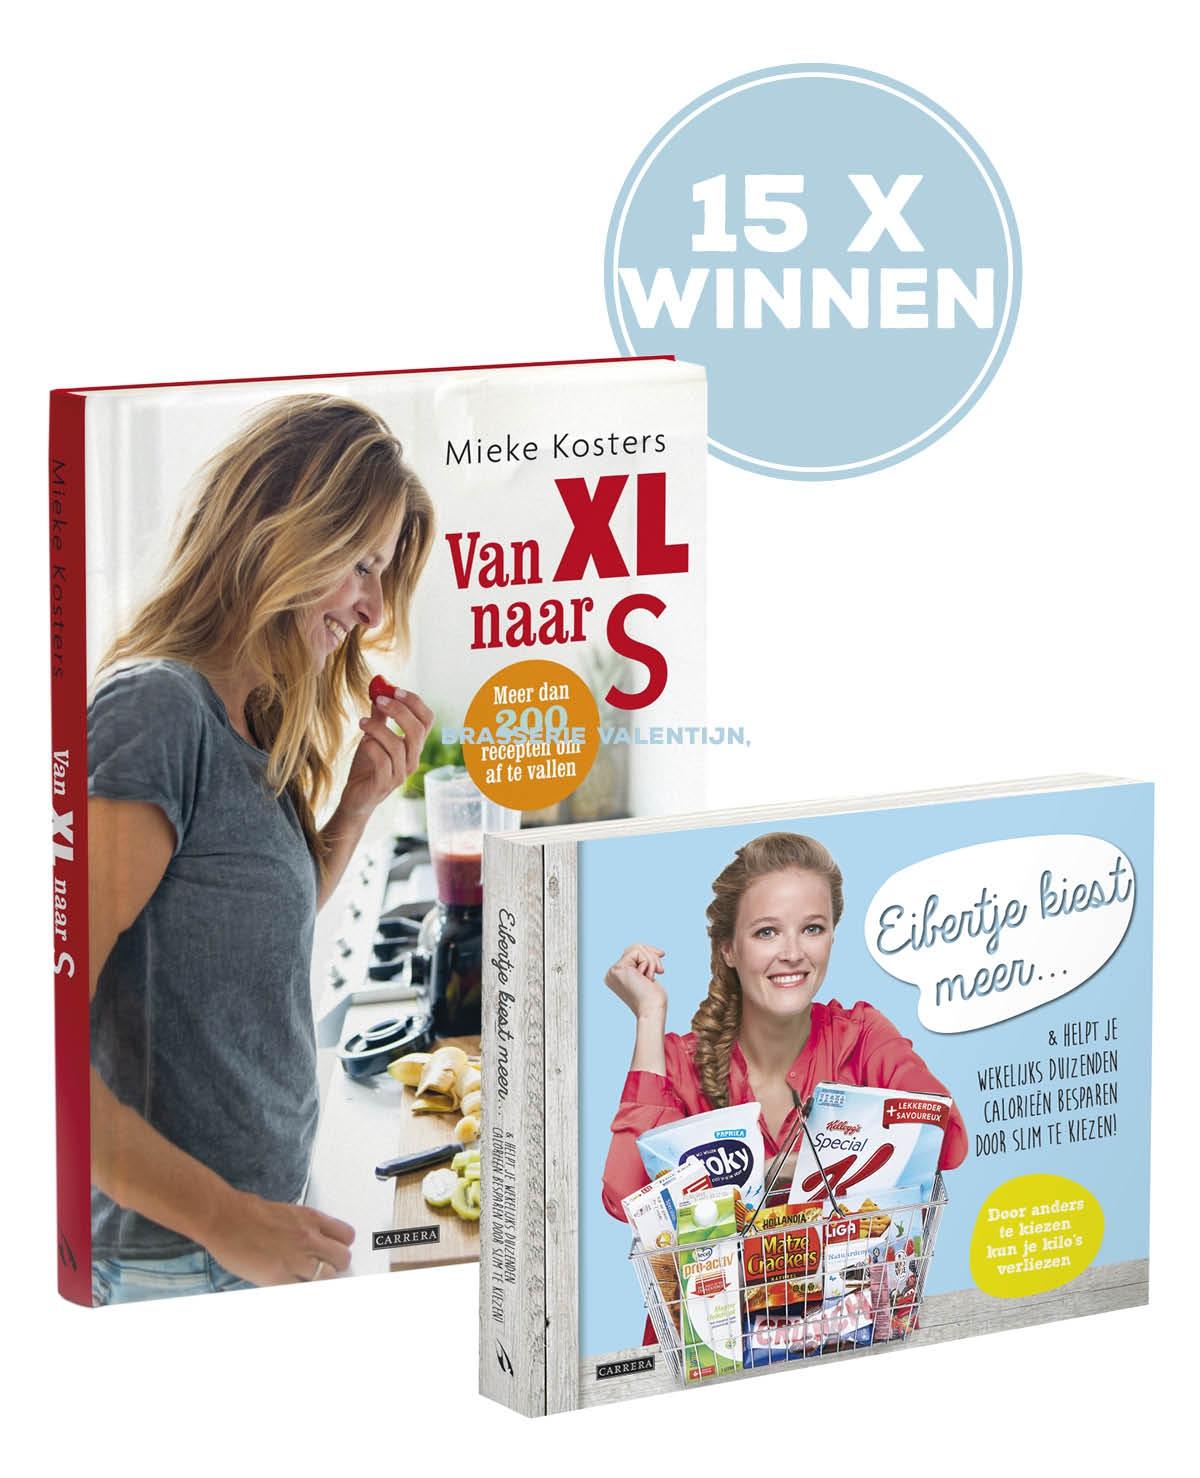 Win de boeken 'Van XL naar S' en 'Eibertje kiest meer'